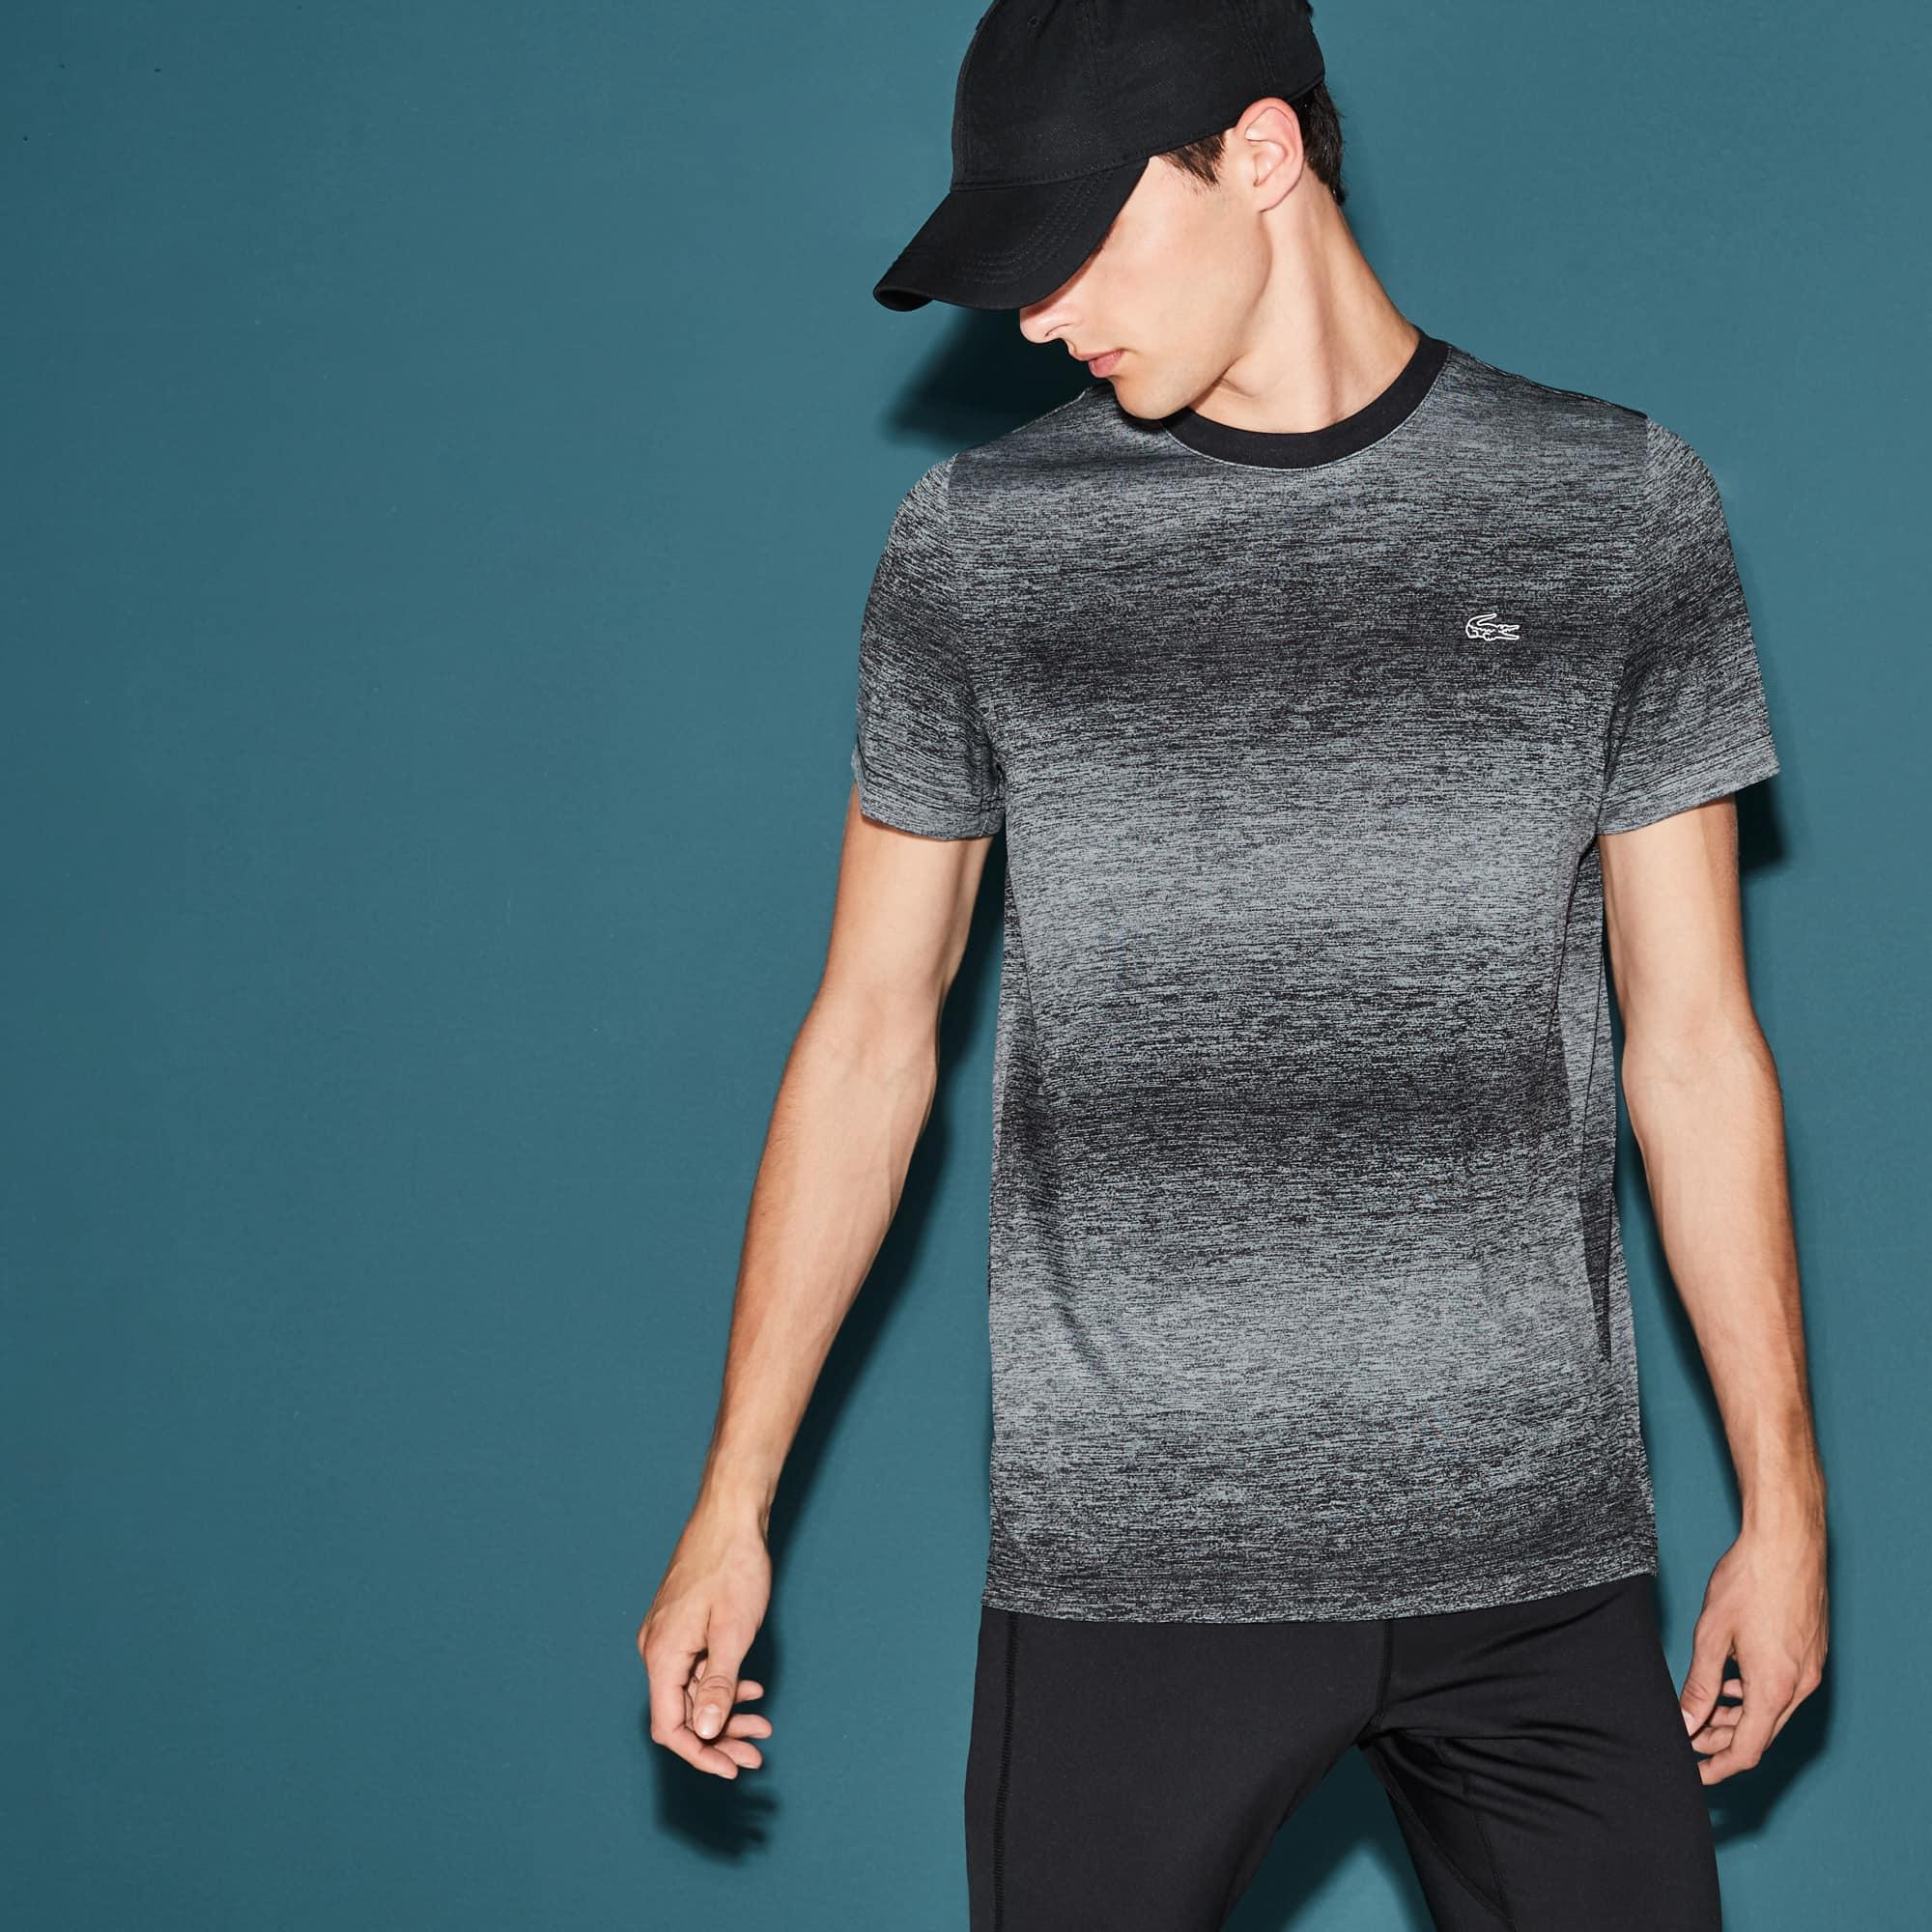 Men's  SPORT Tennis Crew Neck Tech Jersey & Mesh T-shirt